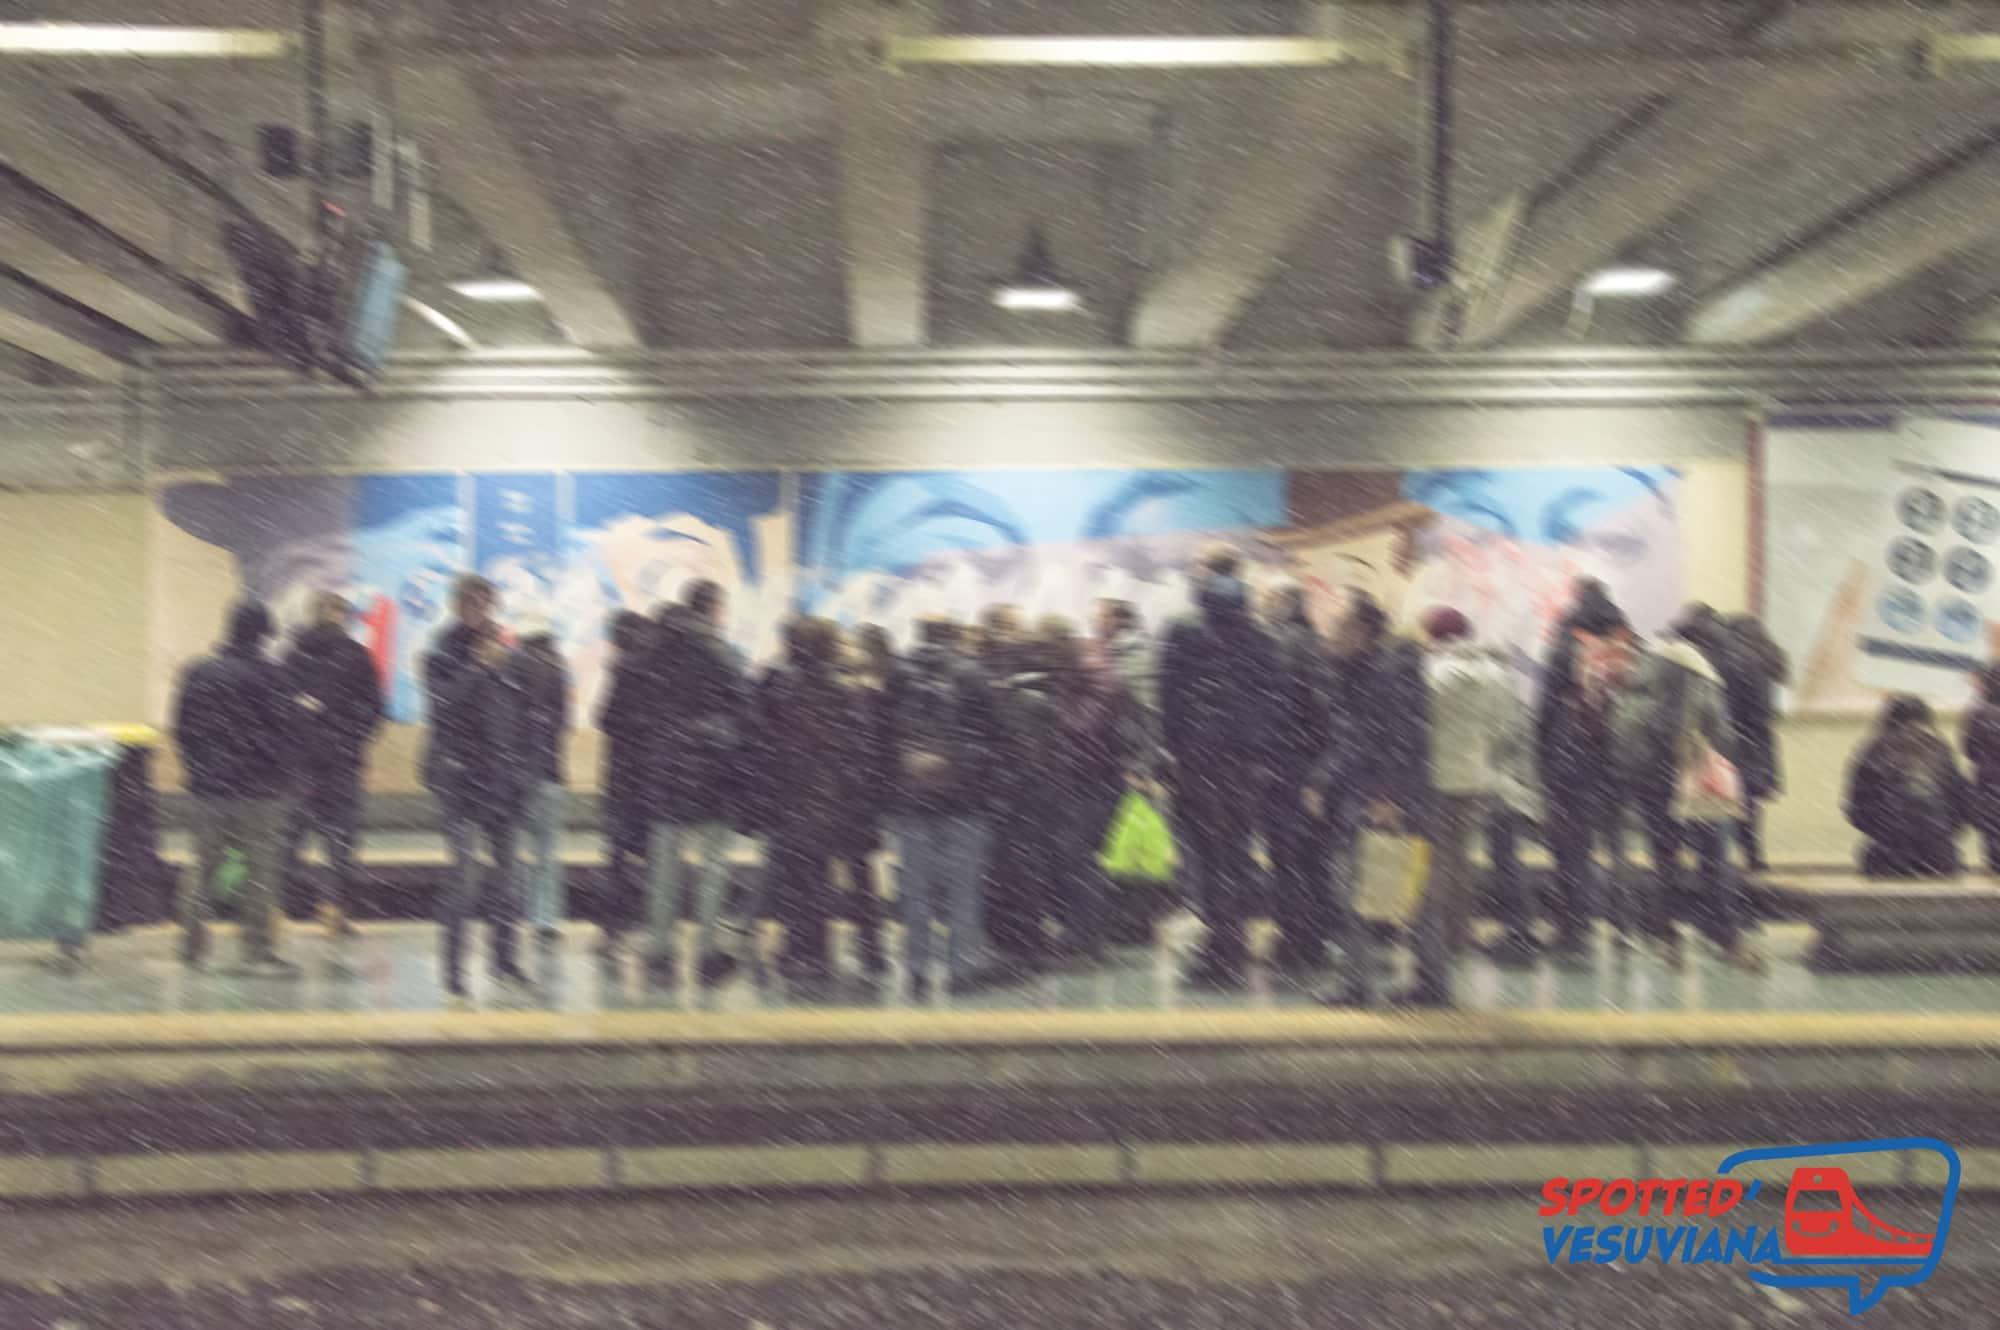 Napoli piazza garibaldi fotografie delle persone in attesa